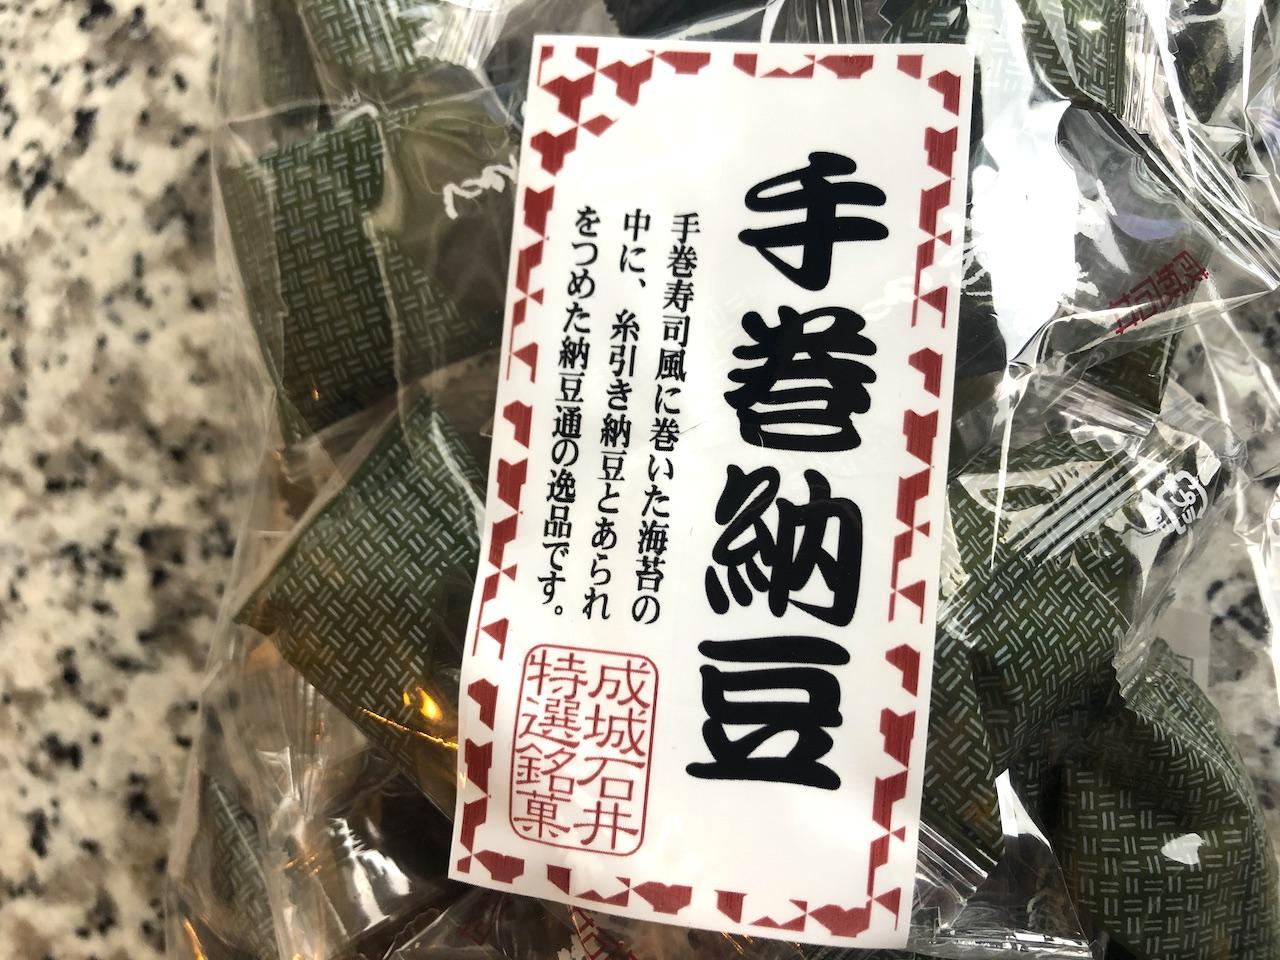 成城石井 手巻き納豆 パッケージ